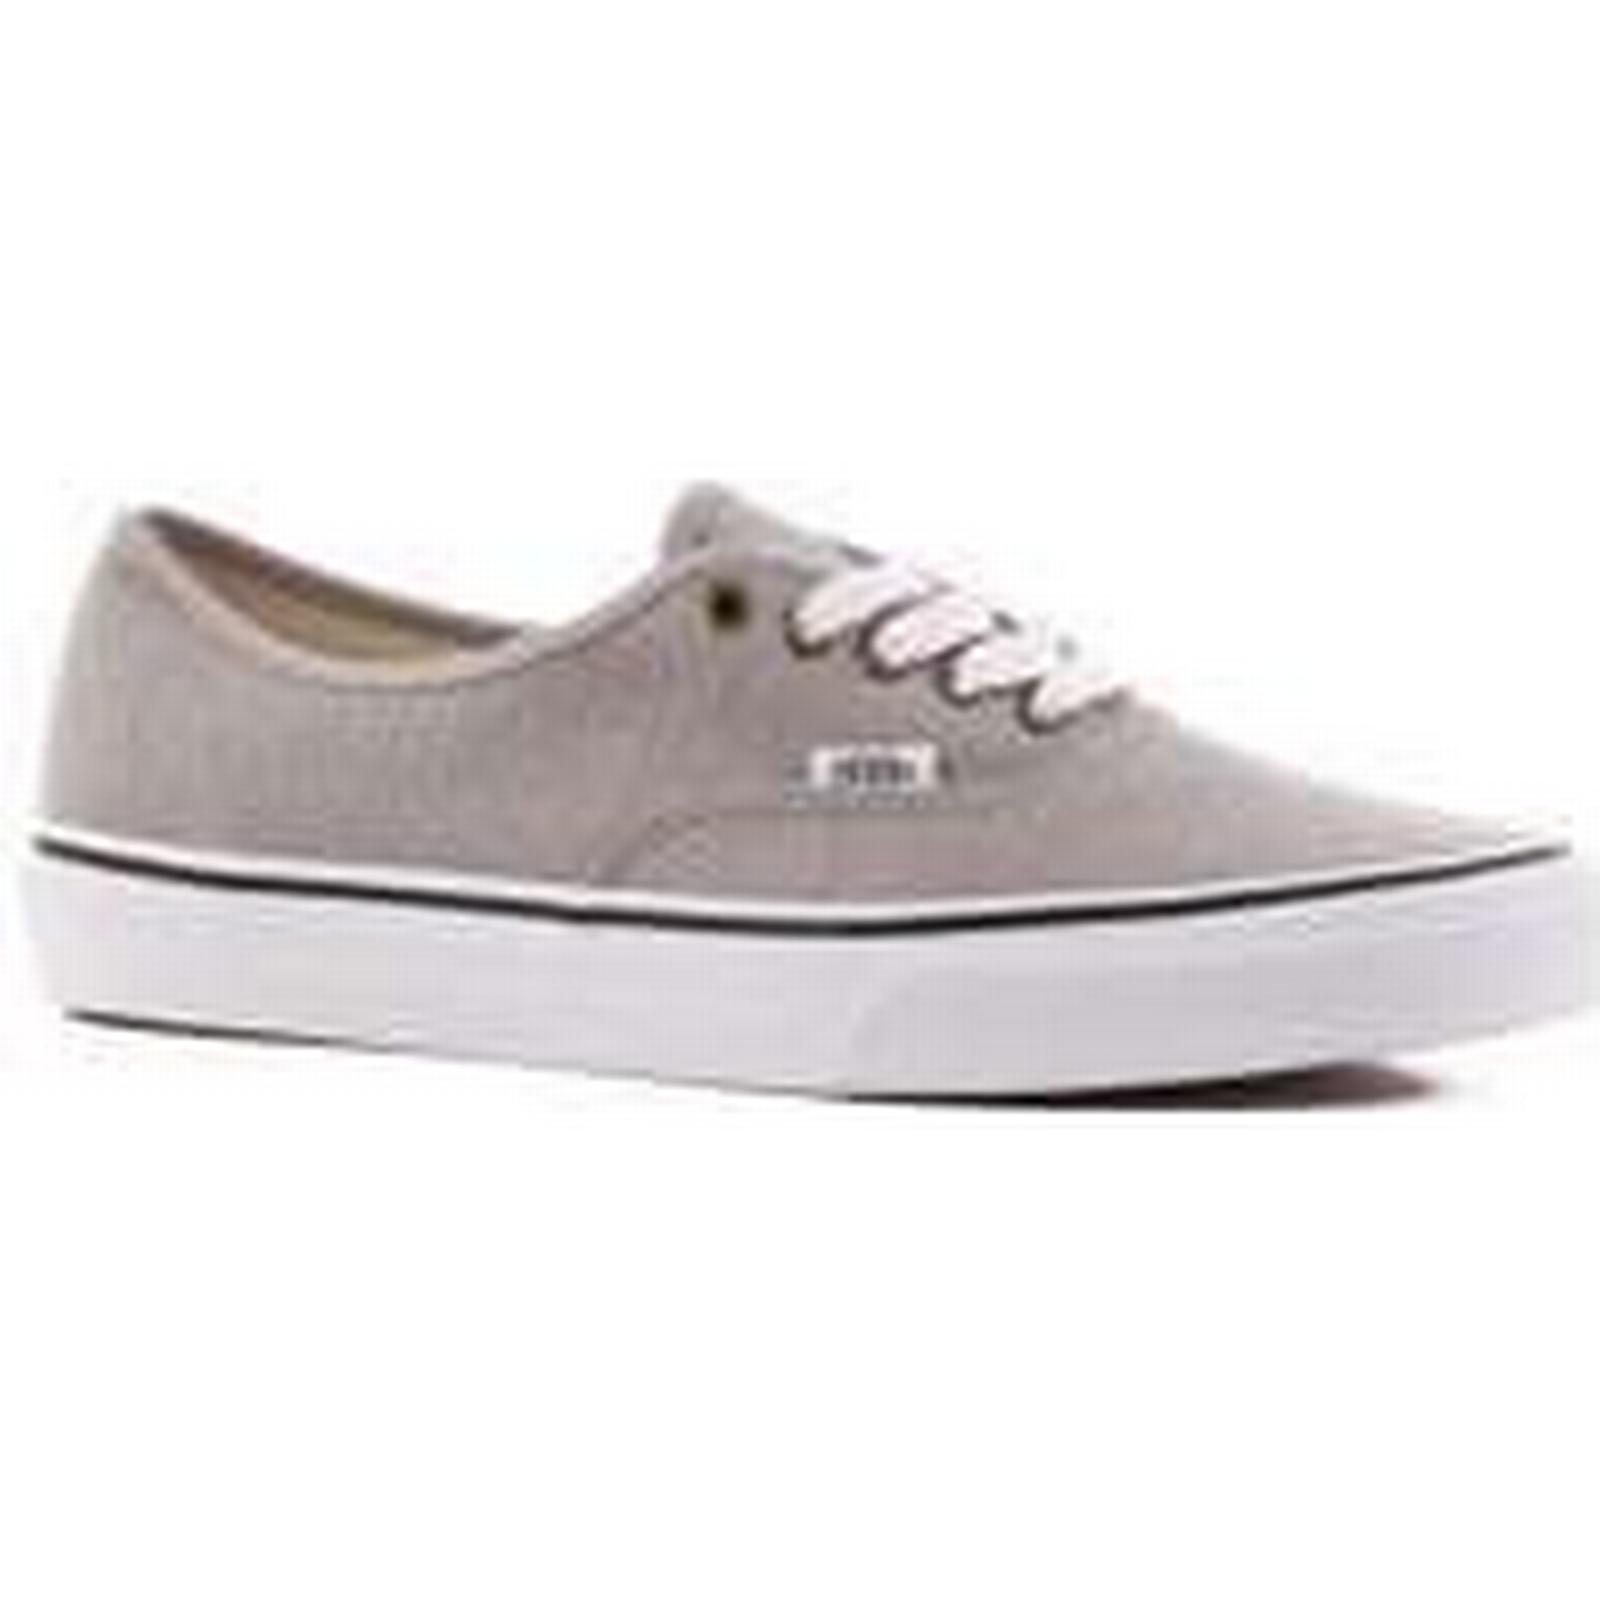 Vans Authentic Skate Shoes (cotton white hemp) drizzle/true white (cotton b94f62